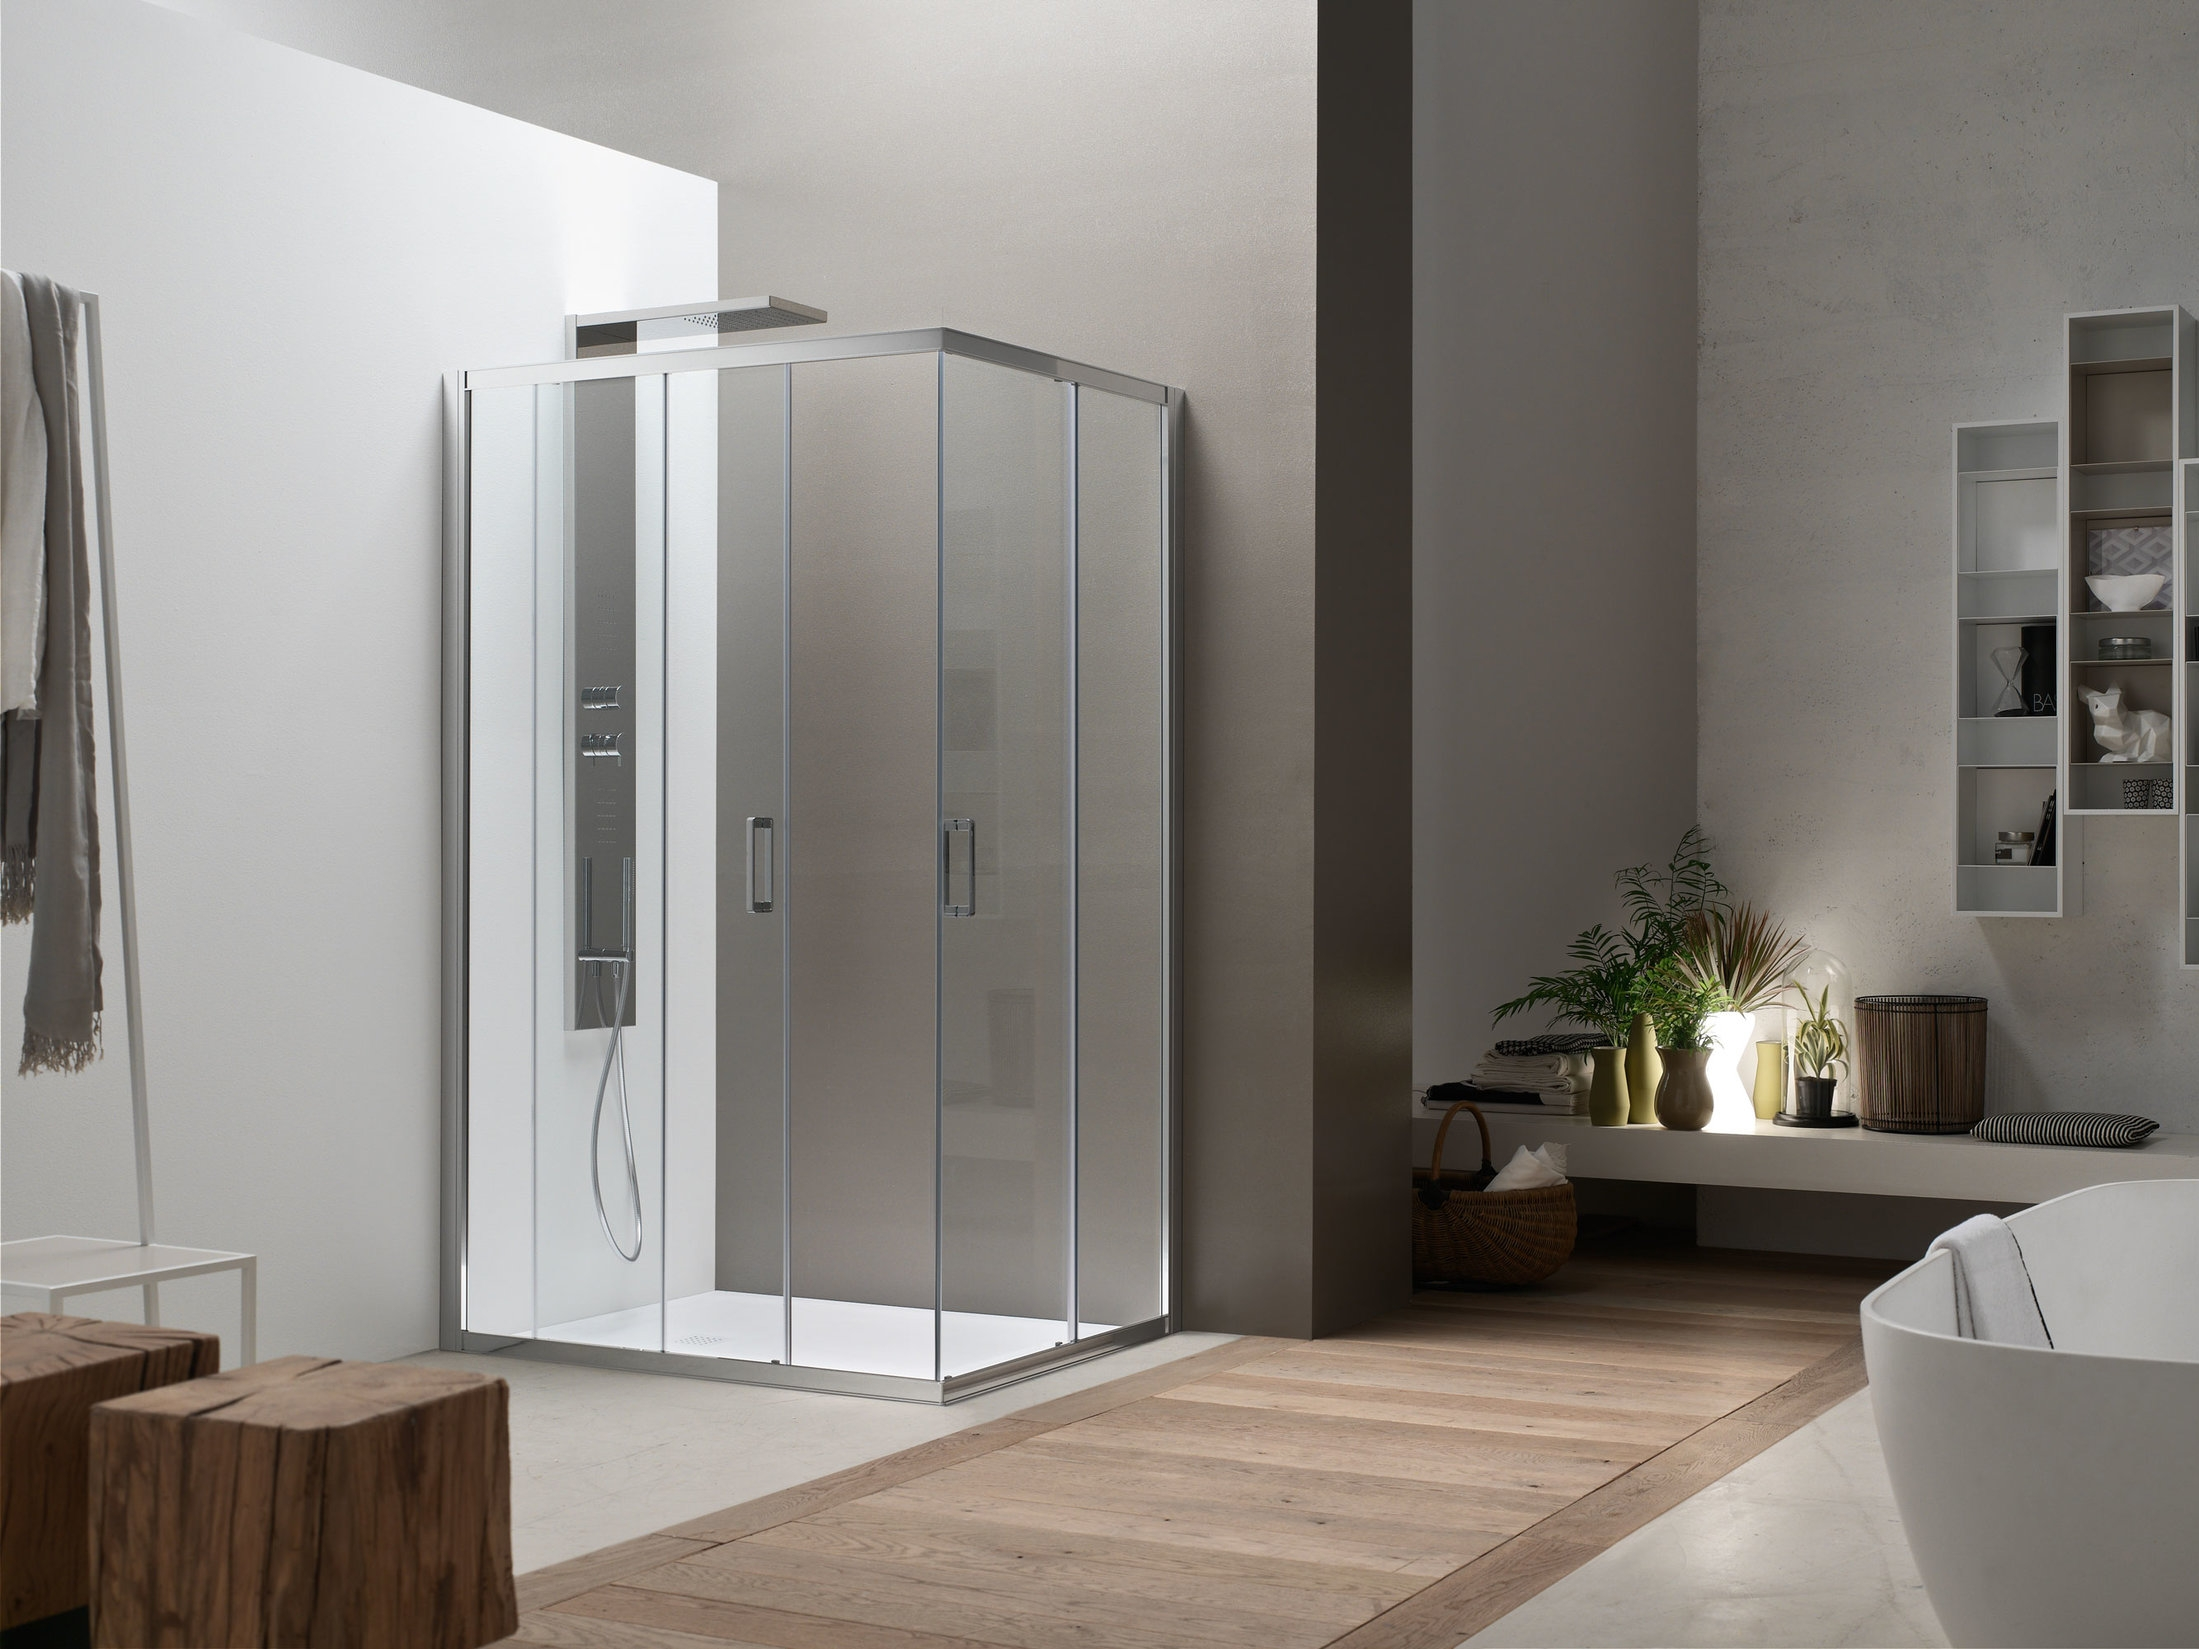 A6 - Una collezione progettata per la praticità quotidiana senza rinunciare alla cura dei dettagli.